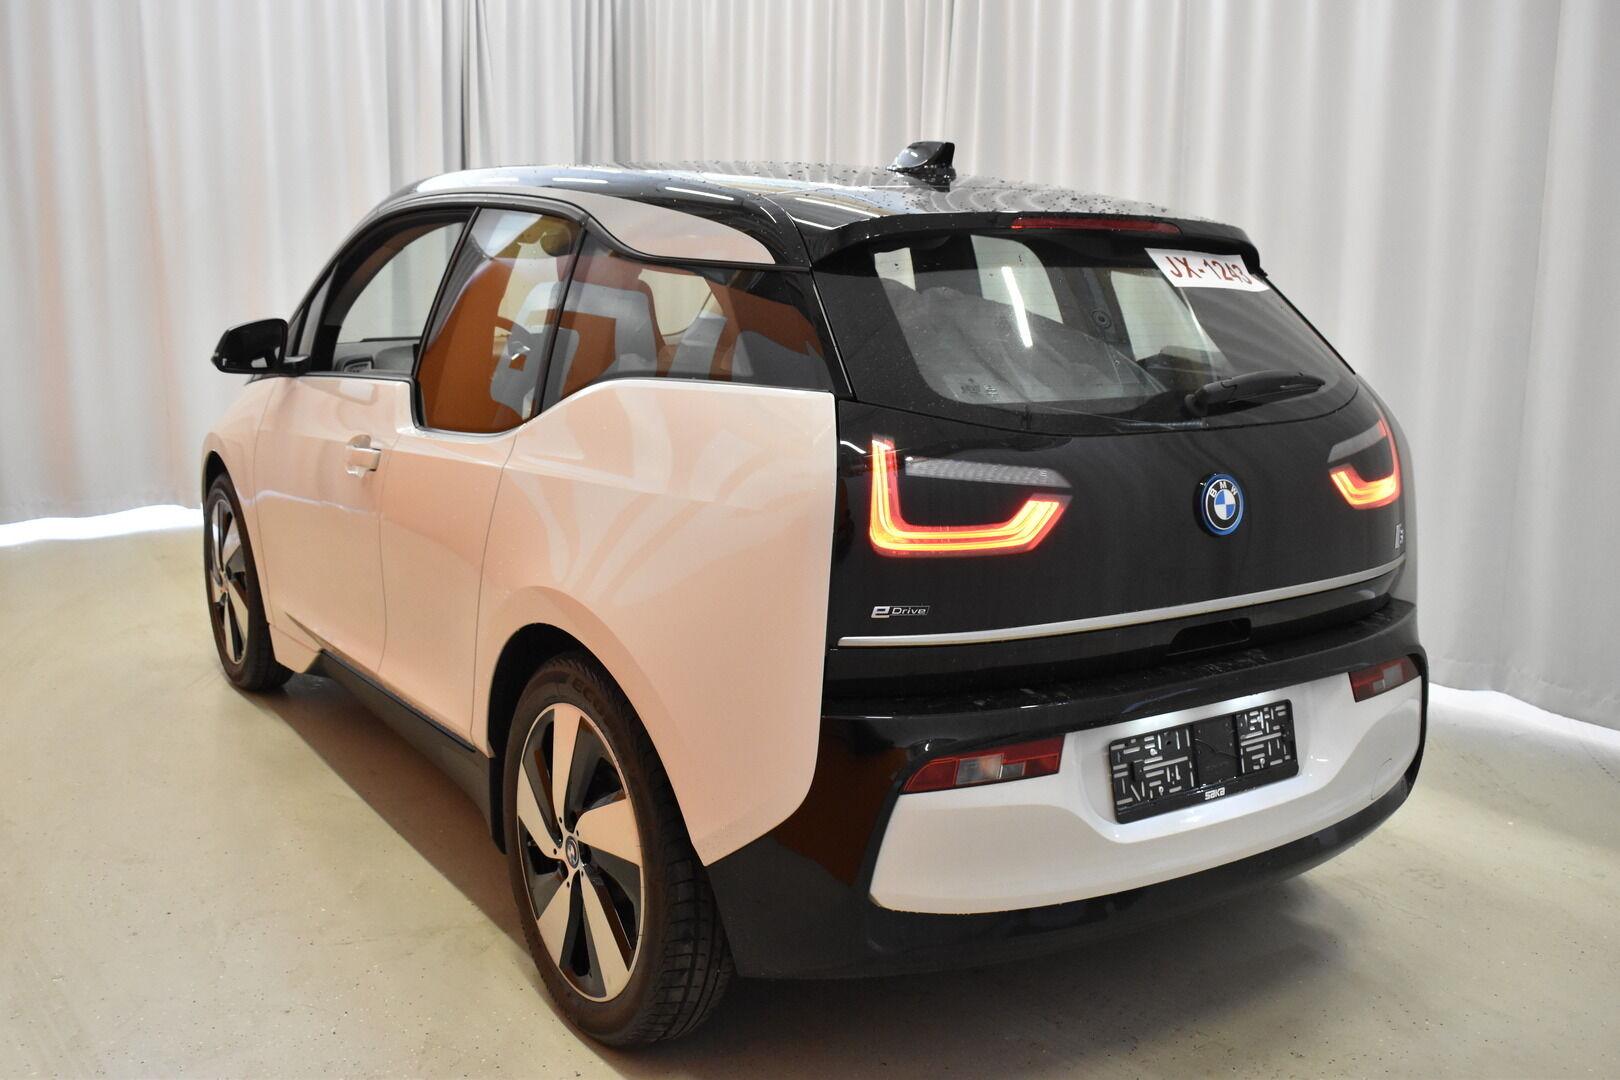 Monikäyttö, BMW i3 – LAH-81120, kuva 5